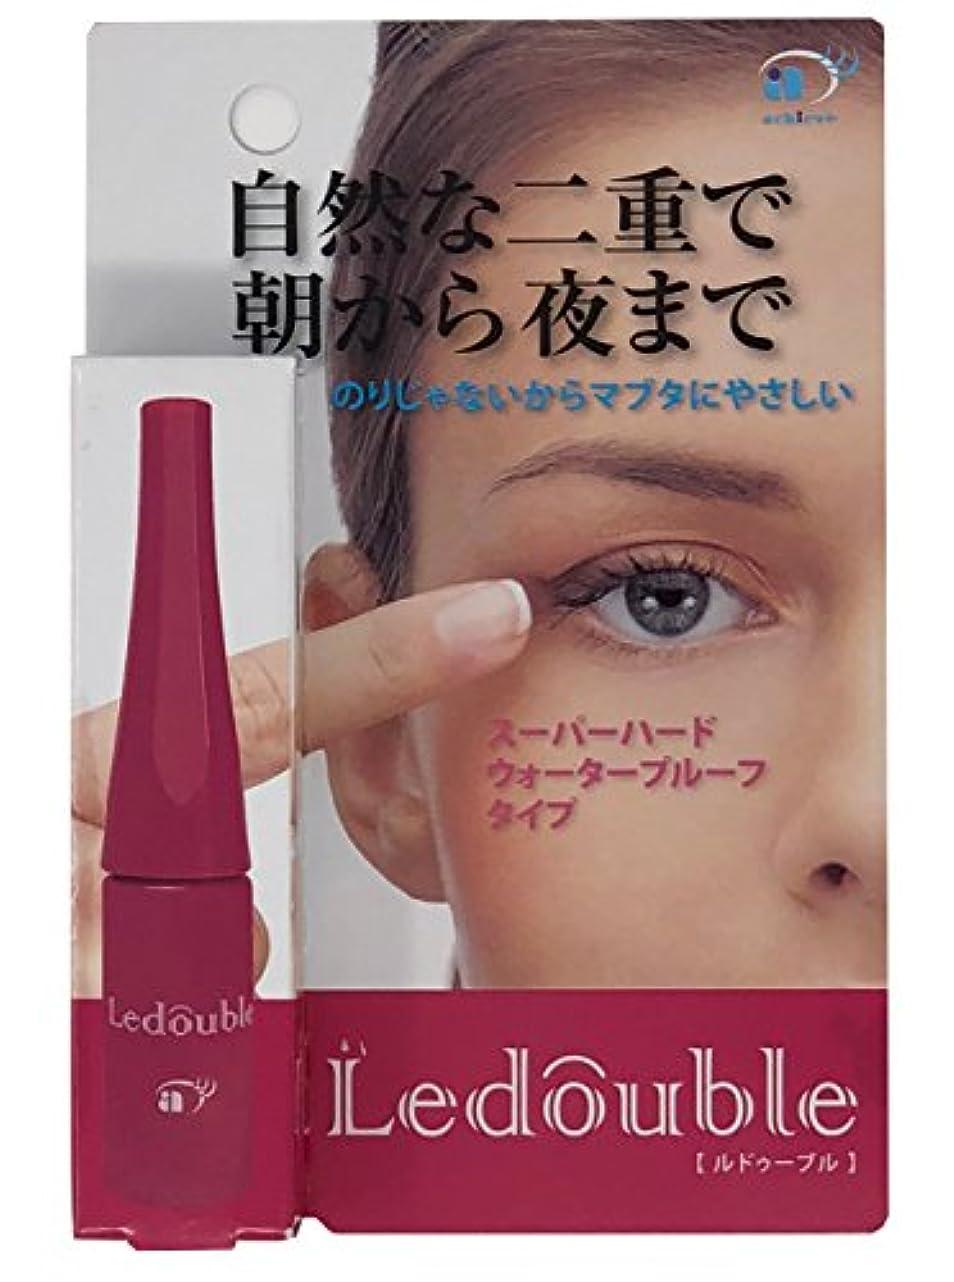 チーフ効果登録するLedouble [ルドゥーブル] 二重まぶた化粧品 (4mL) 限定200%増量